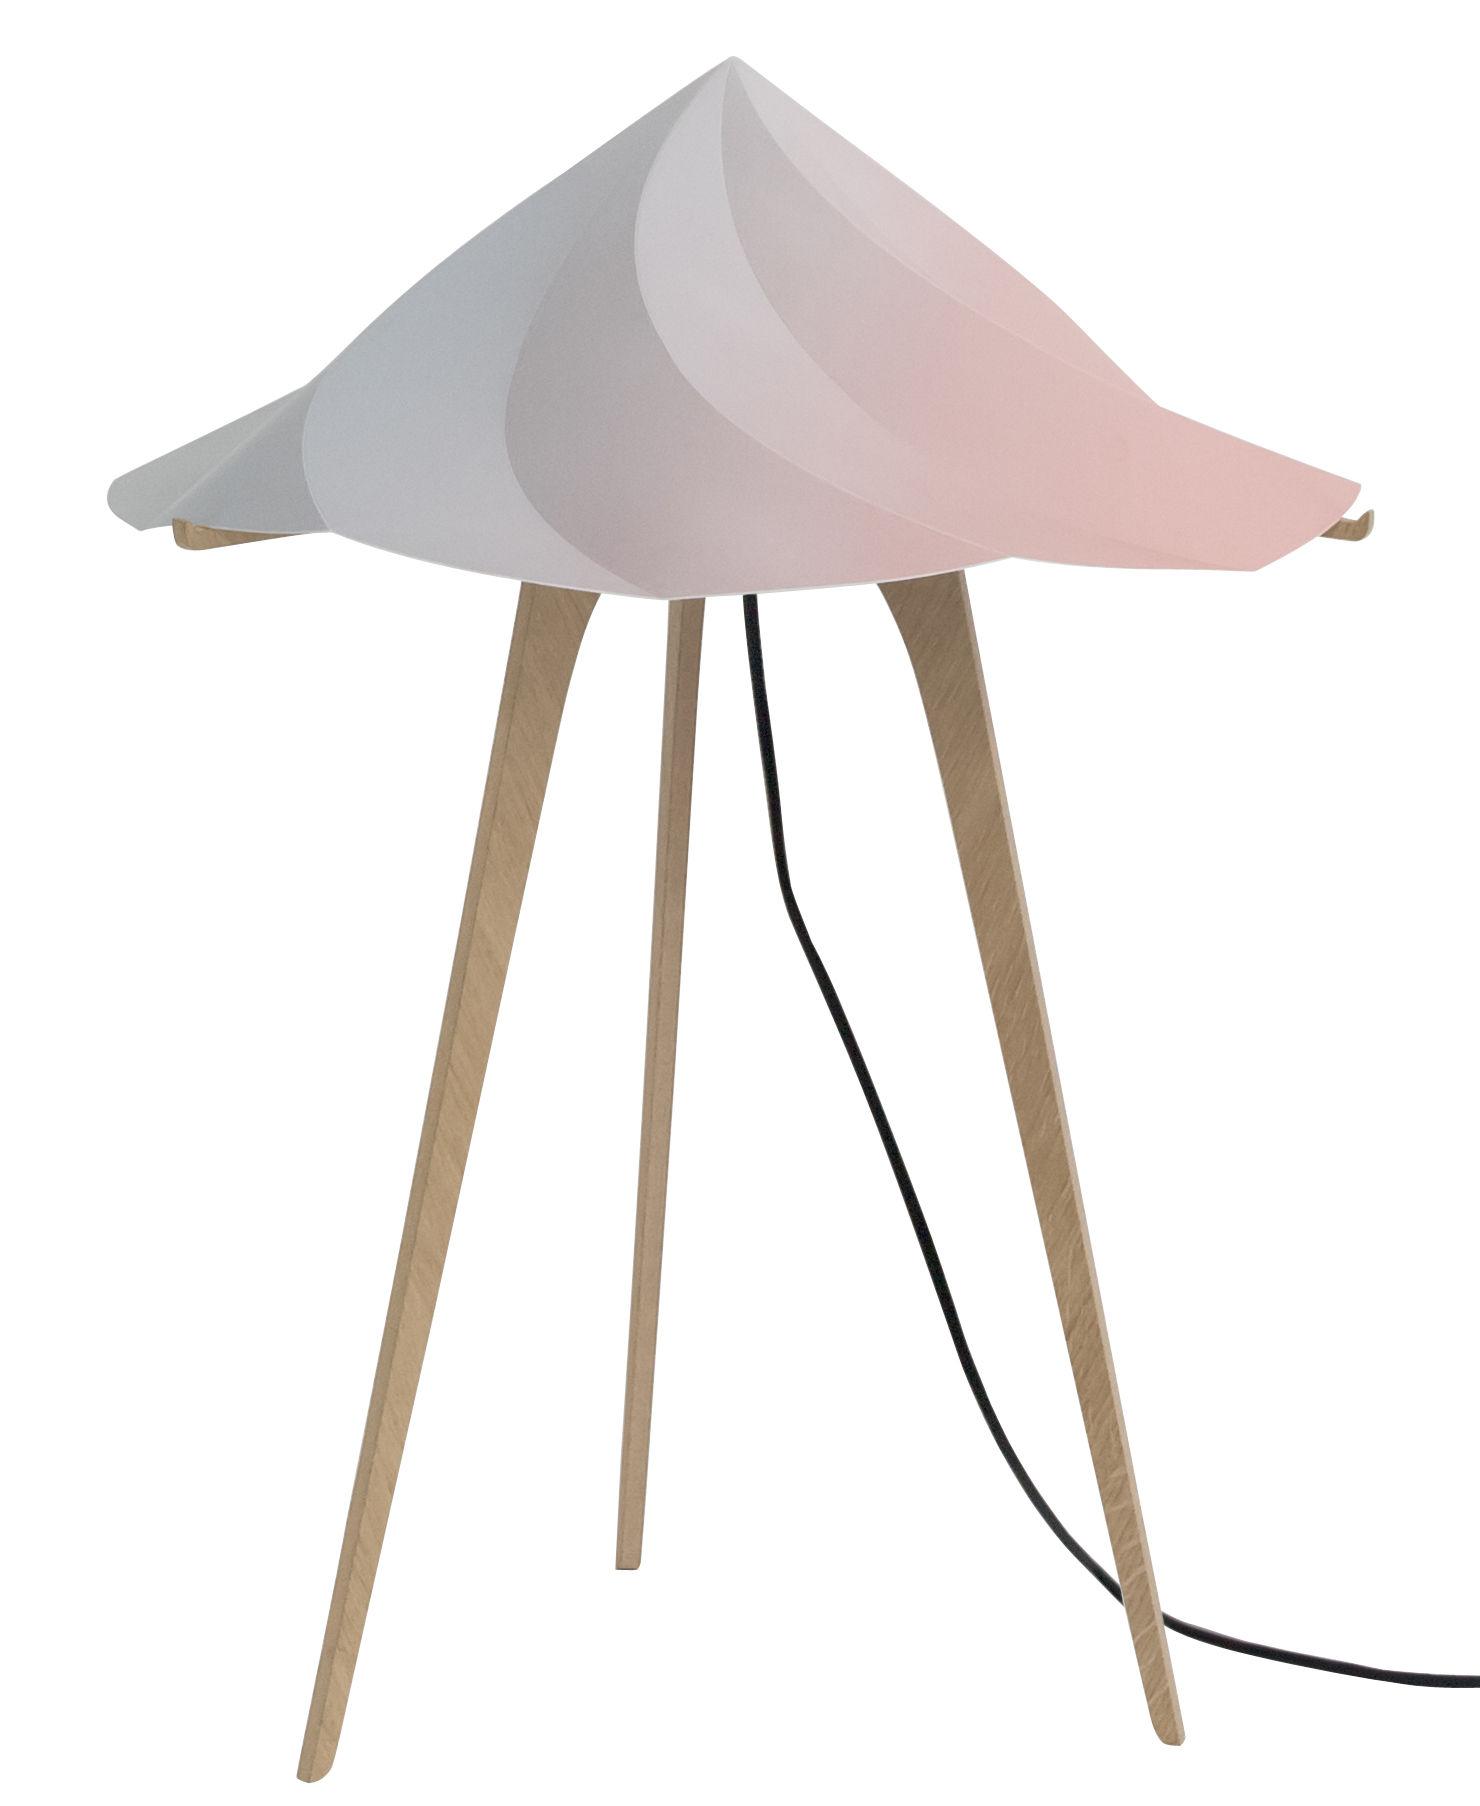 Leuchten - Tischleuchten - Chantilly Large Bodenleuchte / H 65 cm - Moustache - Mehrfarbig - Polypropylène recyclé, Vielschicht-Sperrholz in Eiche